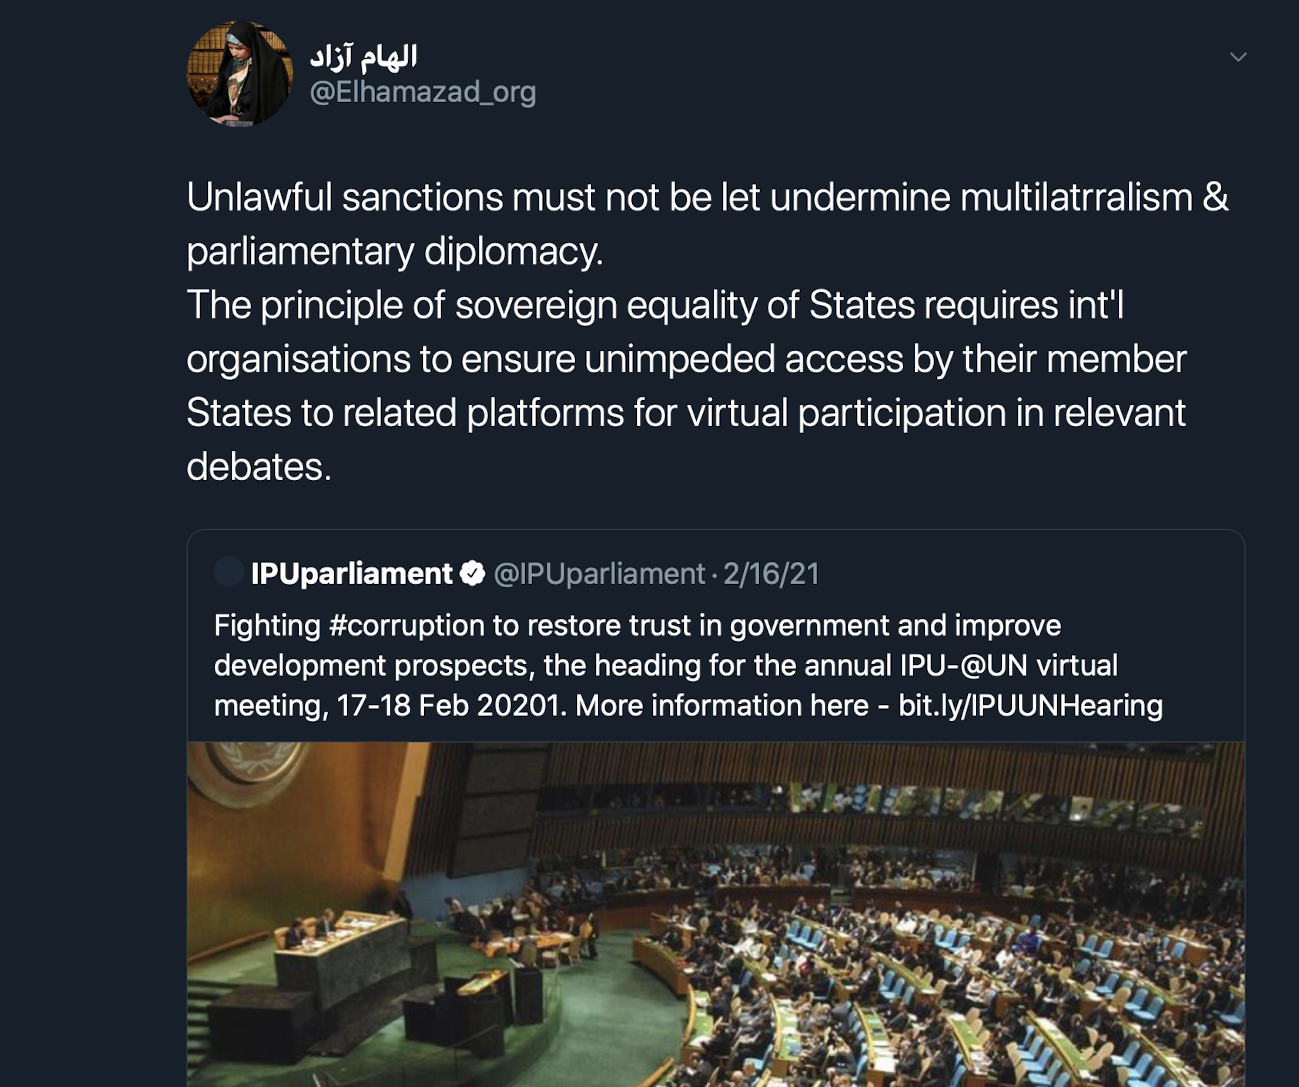 تحریم های غیرقانونی نباید دیپلماسی پارلمانی را مختل کند